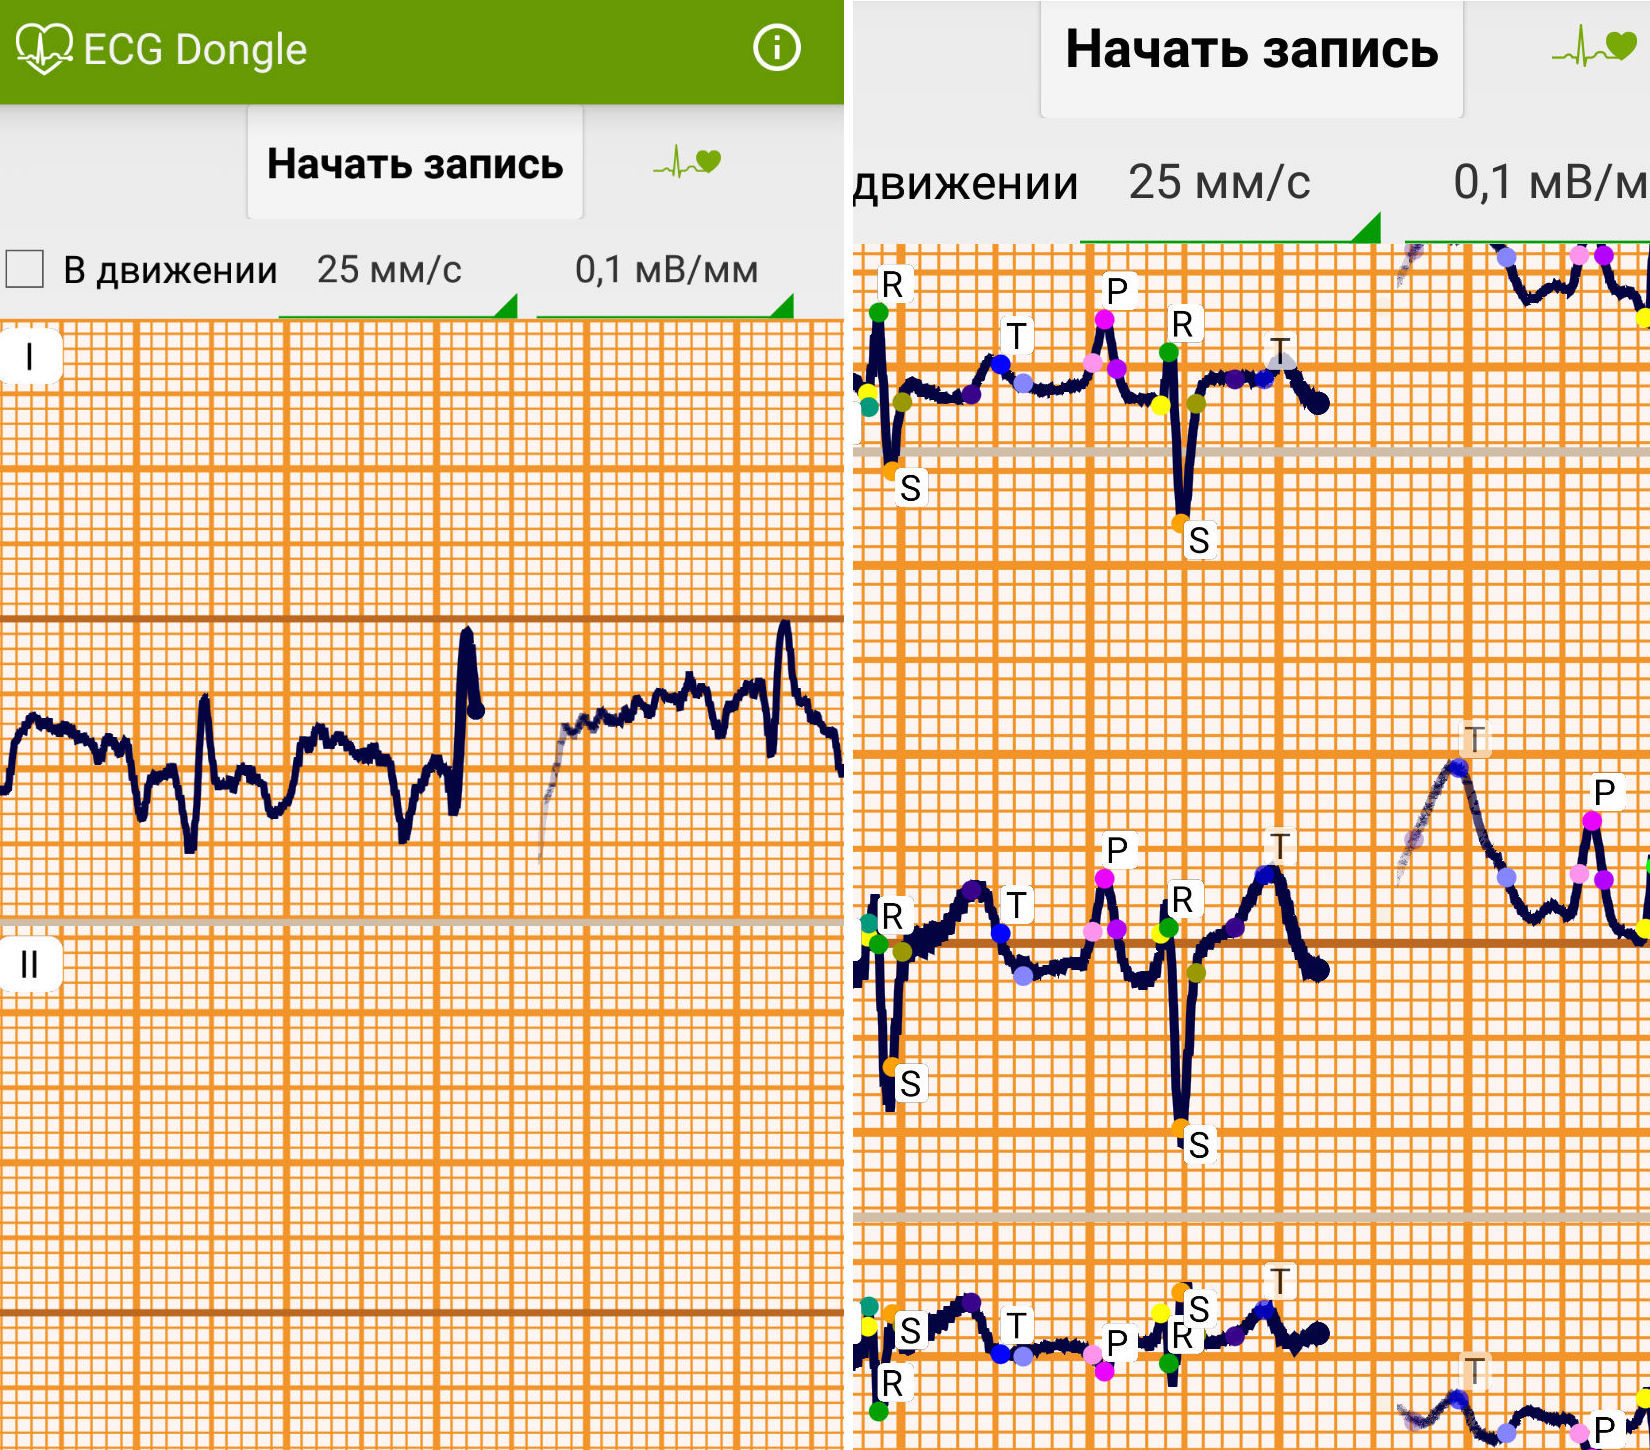 ЭКГ на дому, или сделано в России: отечественные разработчики представили кардиофлешку [8]